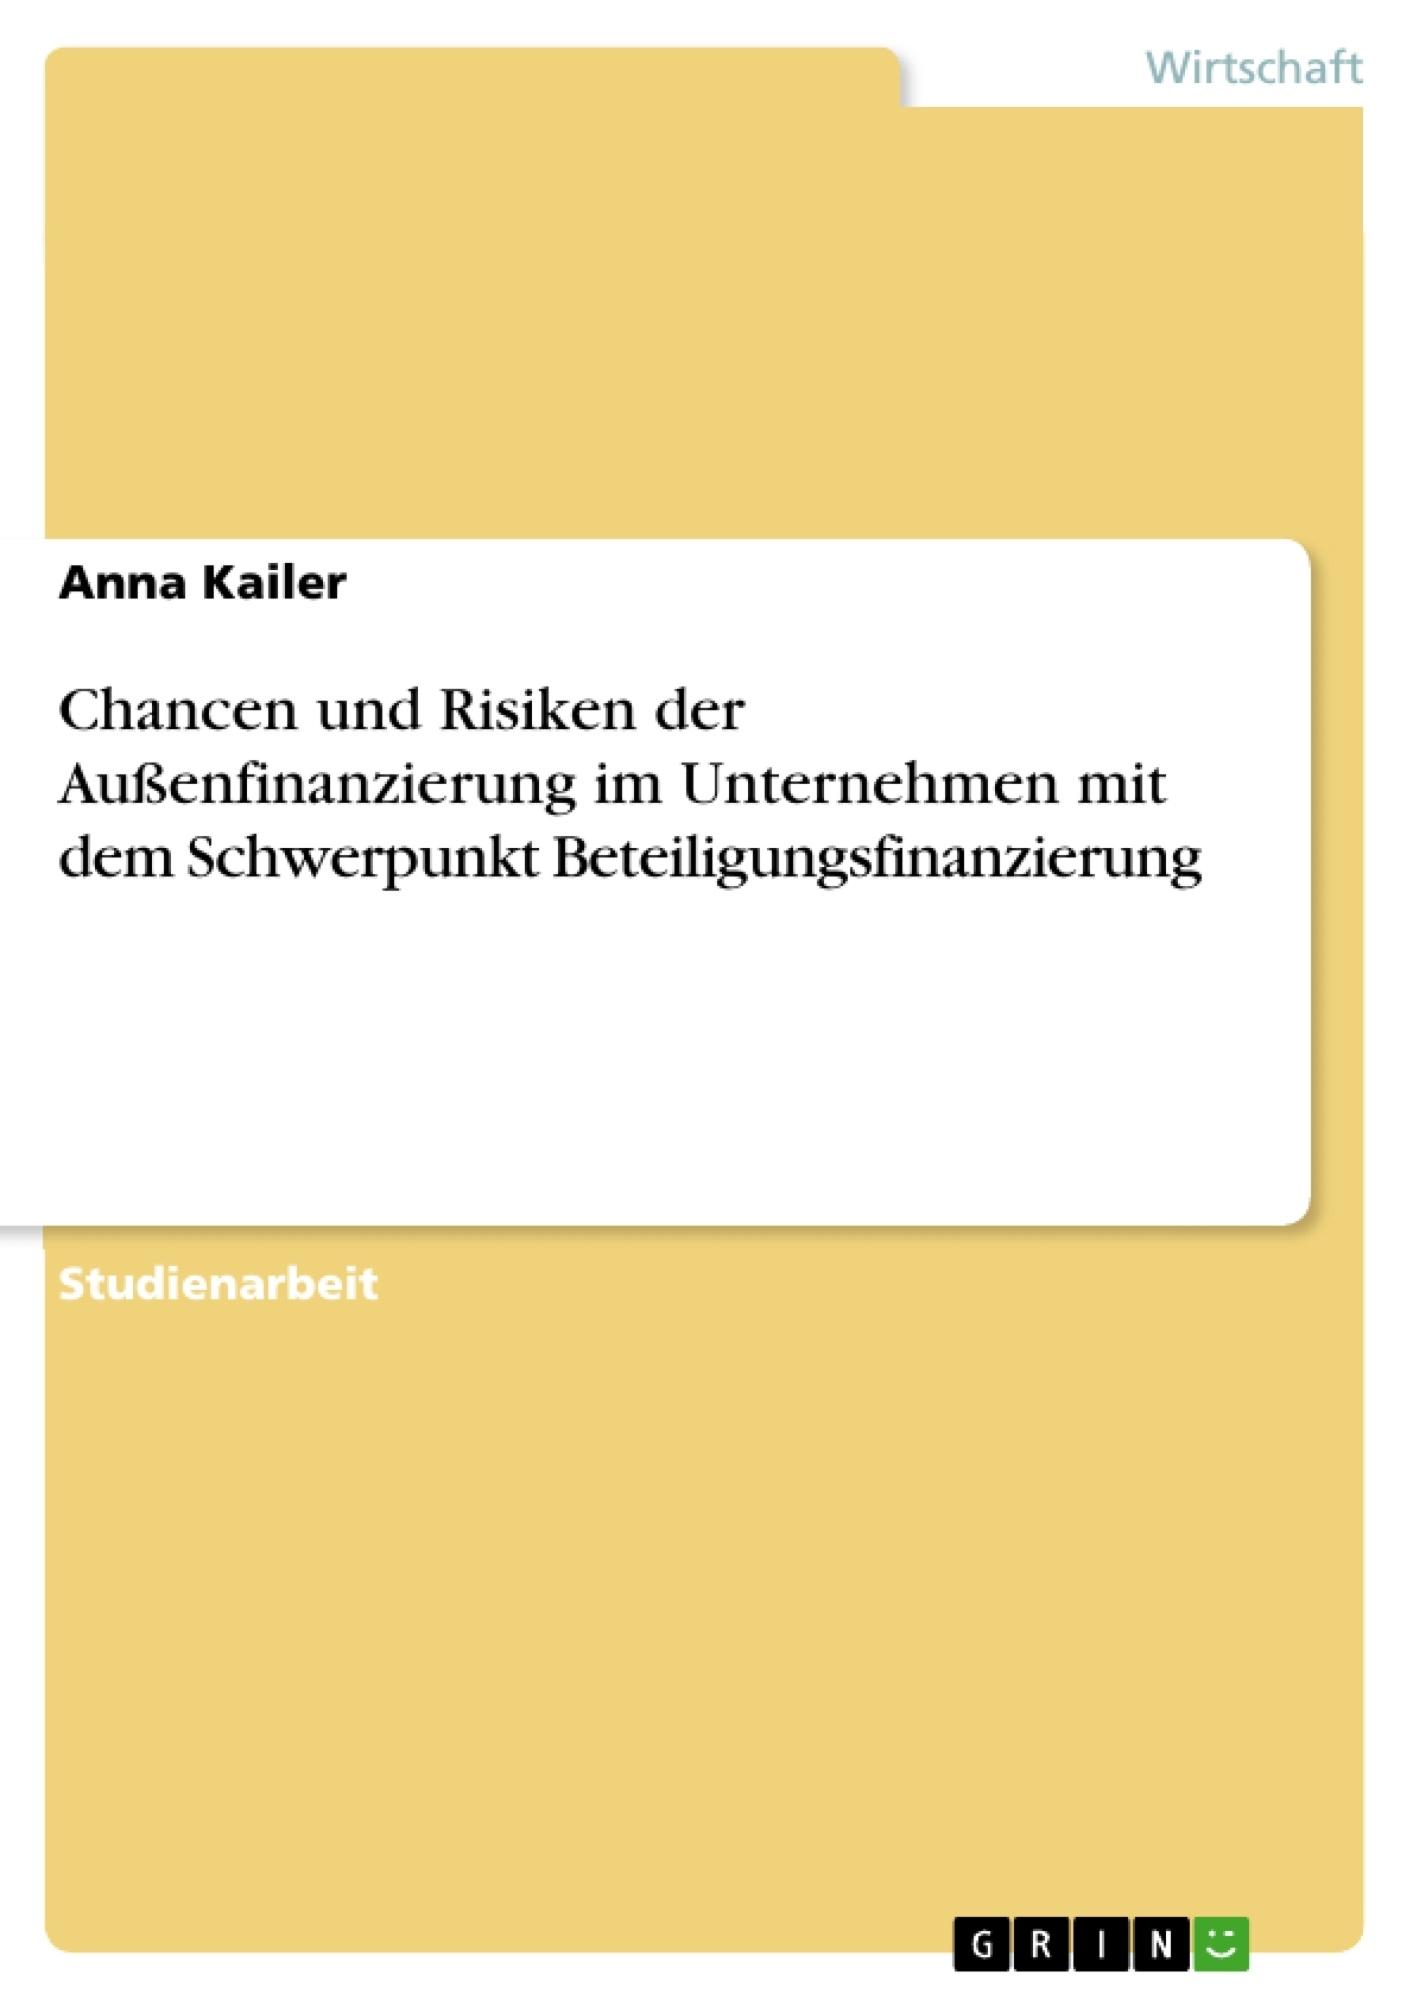 Titel: Chancen und Risiken der Außenfinanzierung im Unternehmen mit dem Schwerpunkt Beteiligungsfinanzierung